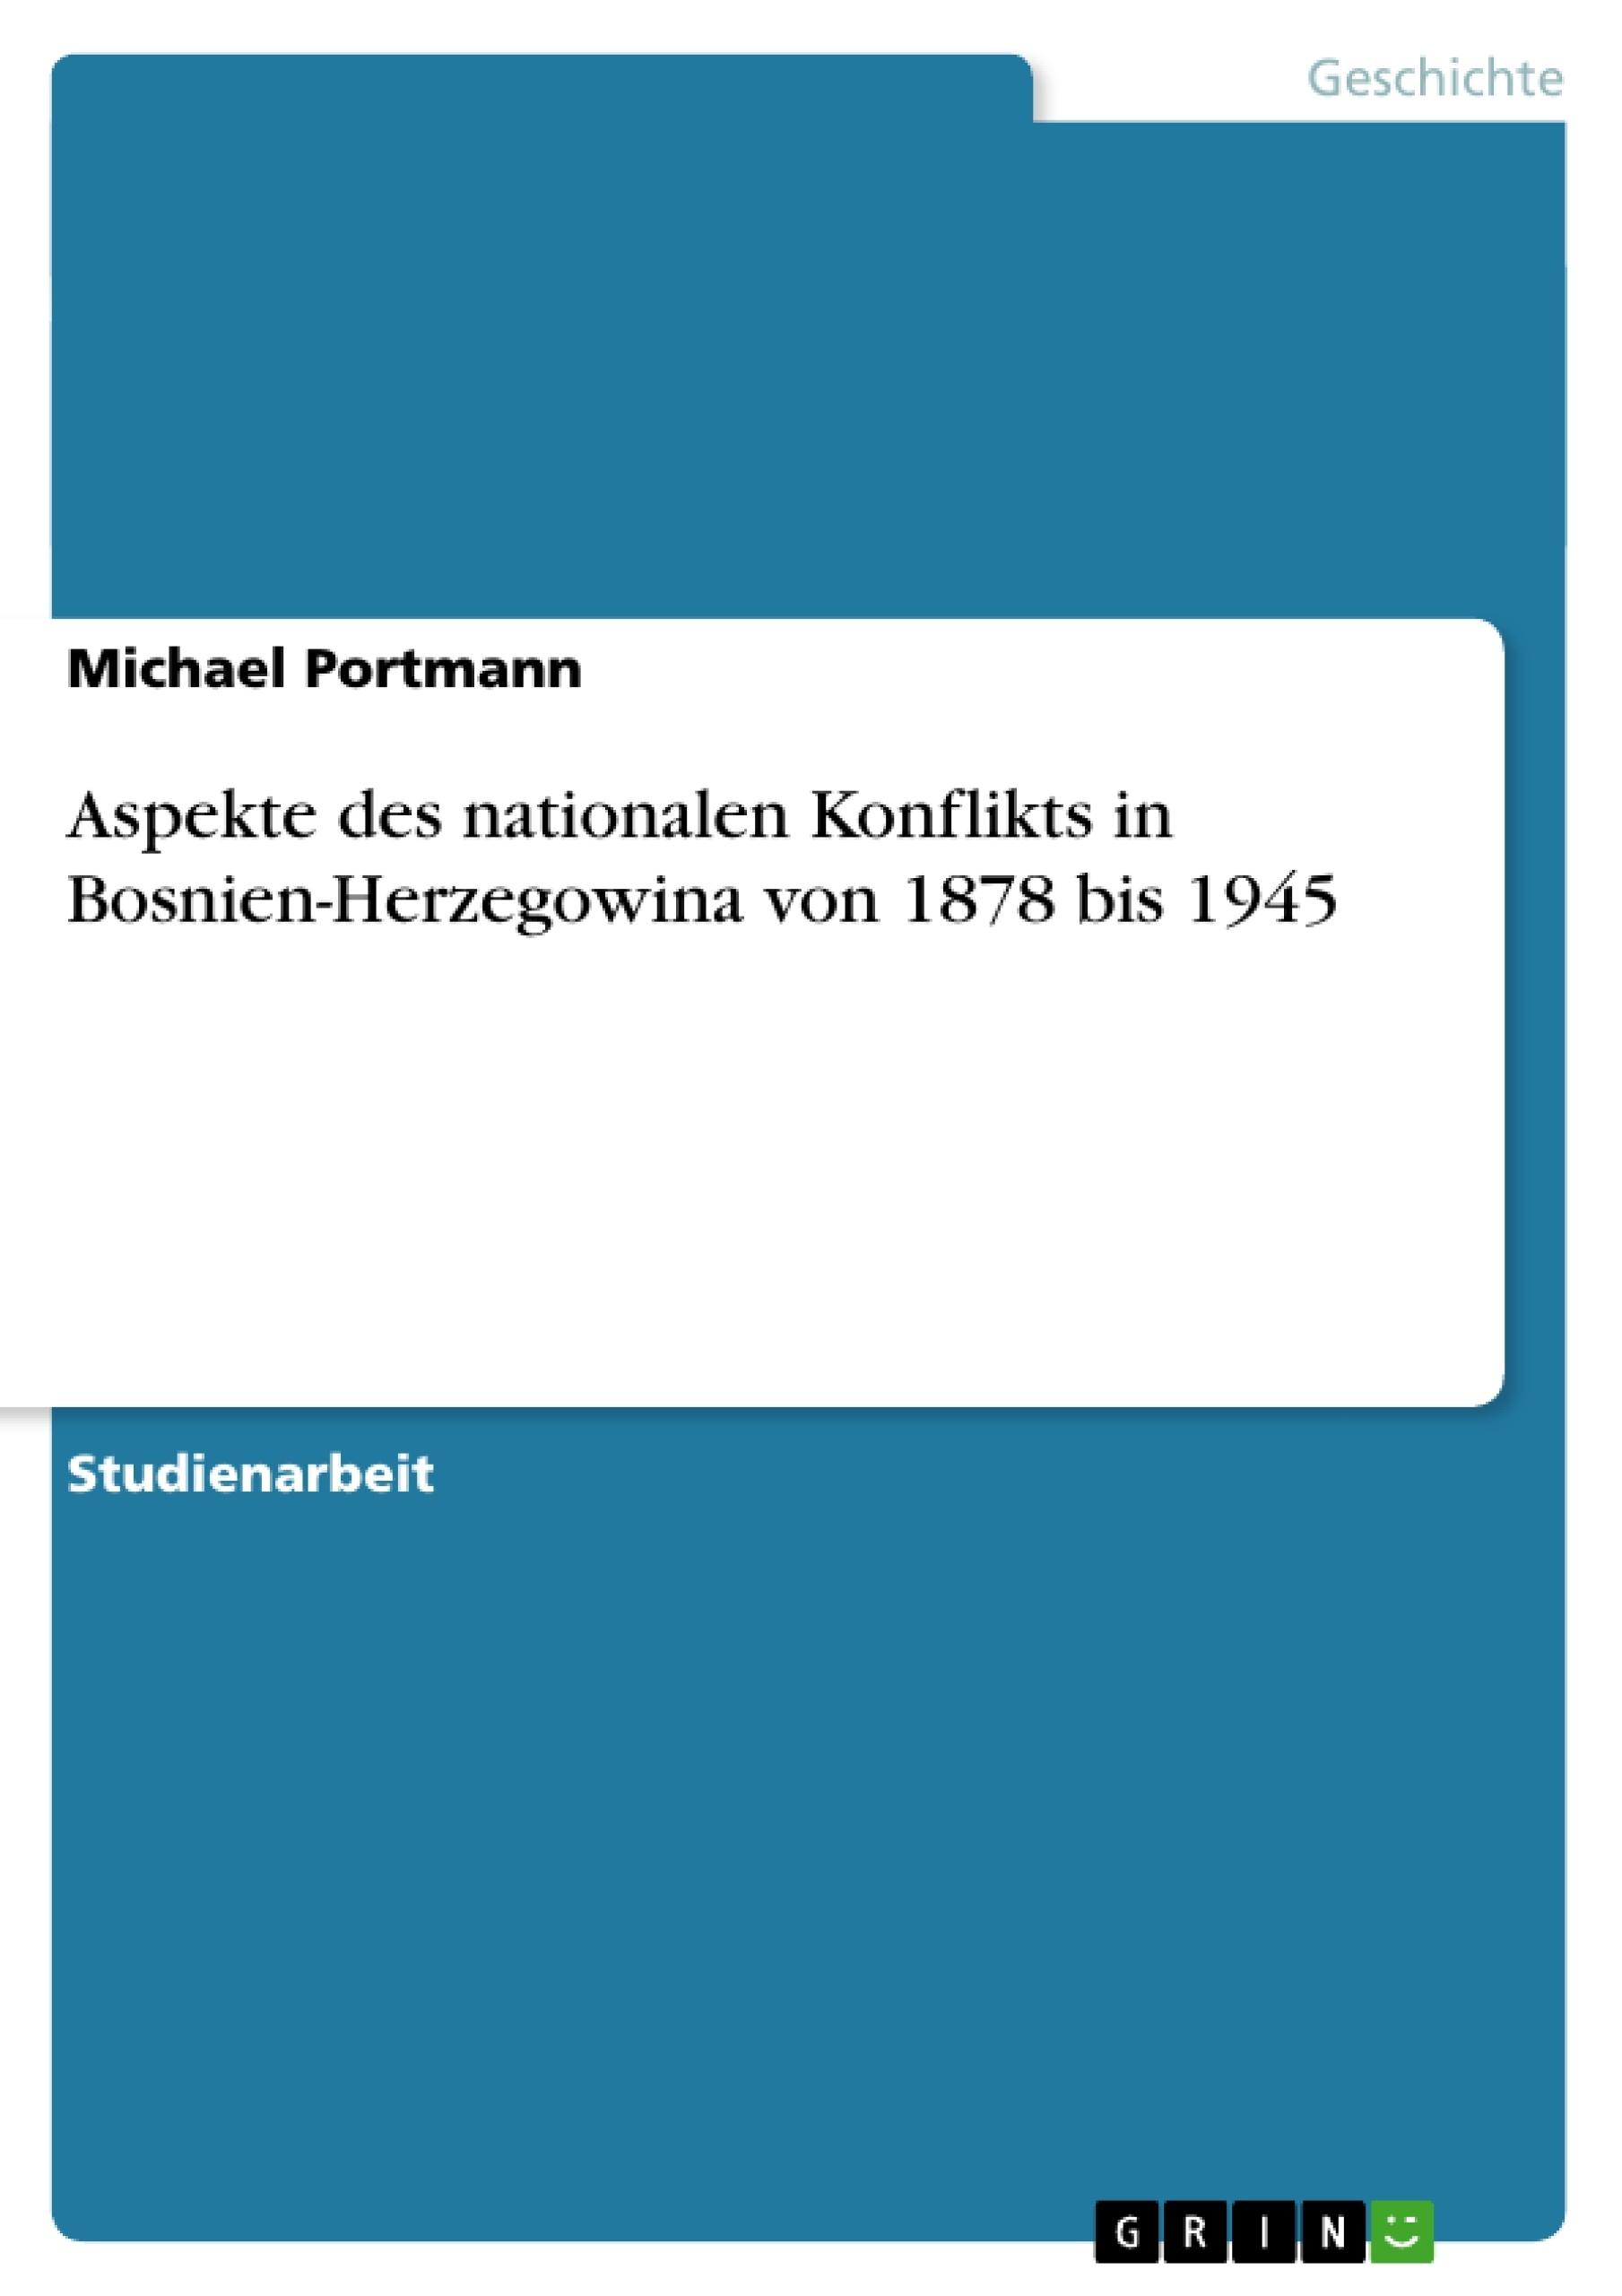 Titel: Aspekte des nationalen Konflikts in Bosnien-Herzegowina von 1878 bis 1945